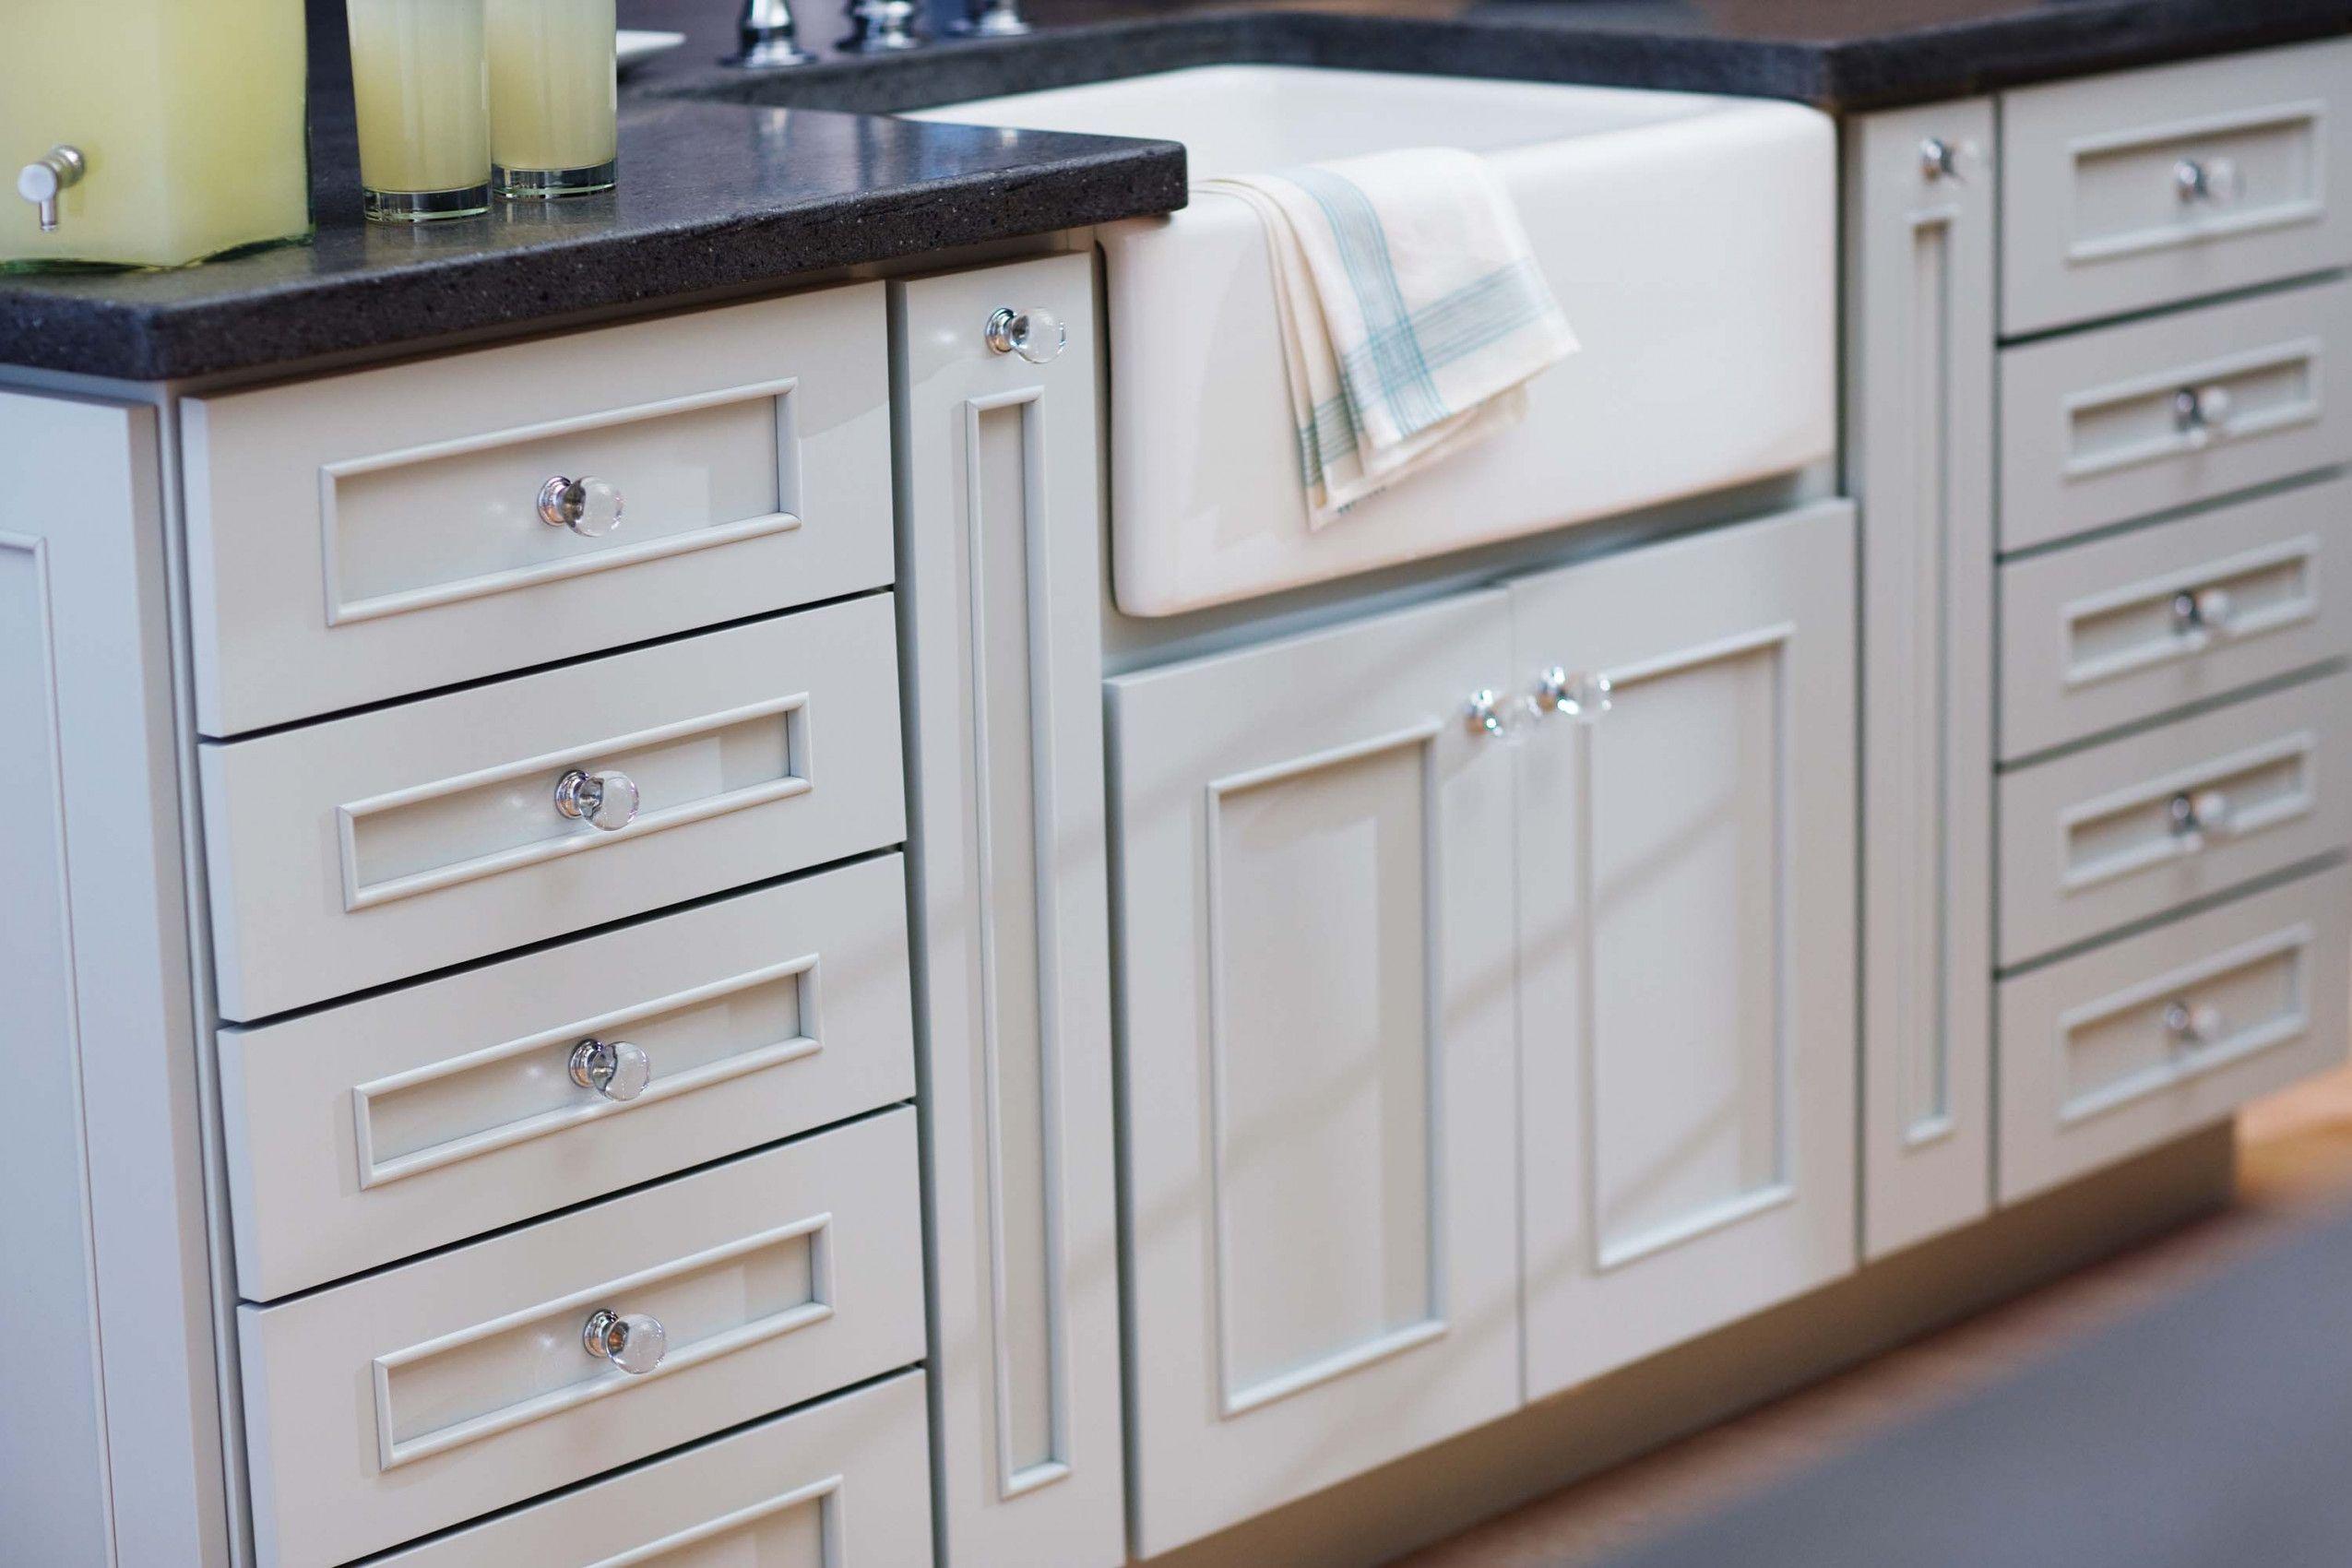 Bad Schrank hardware - Das cabinet hardware ist ein element, das ...